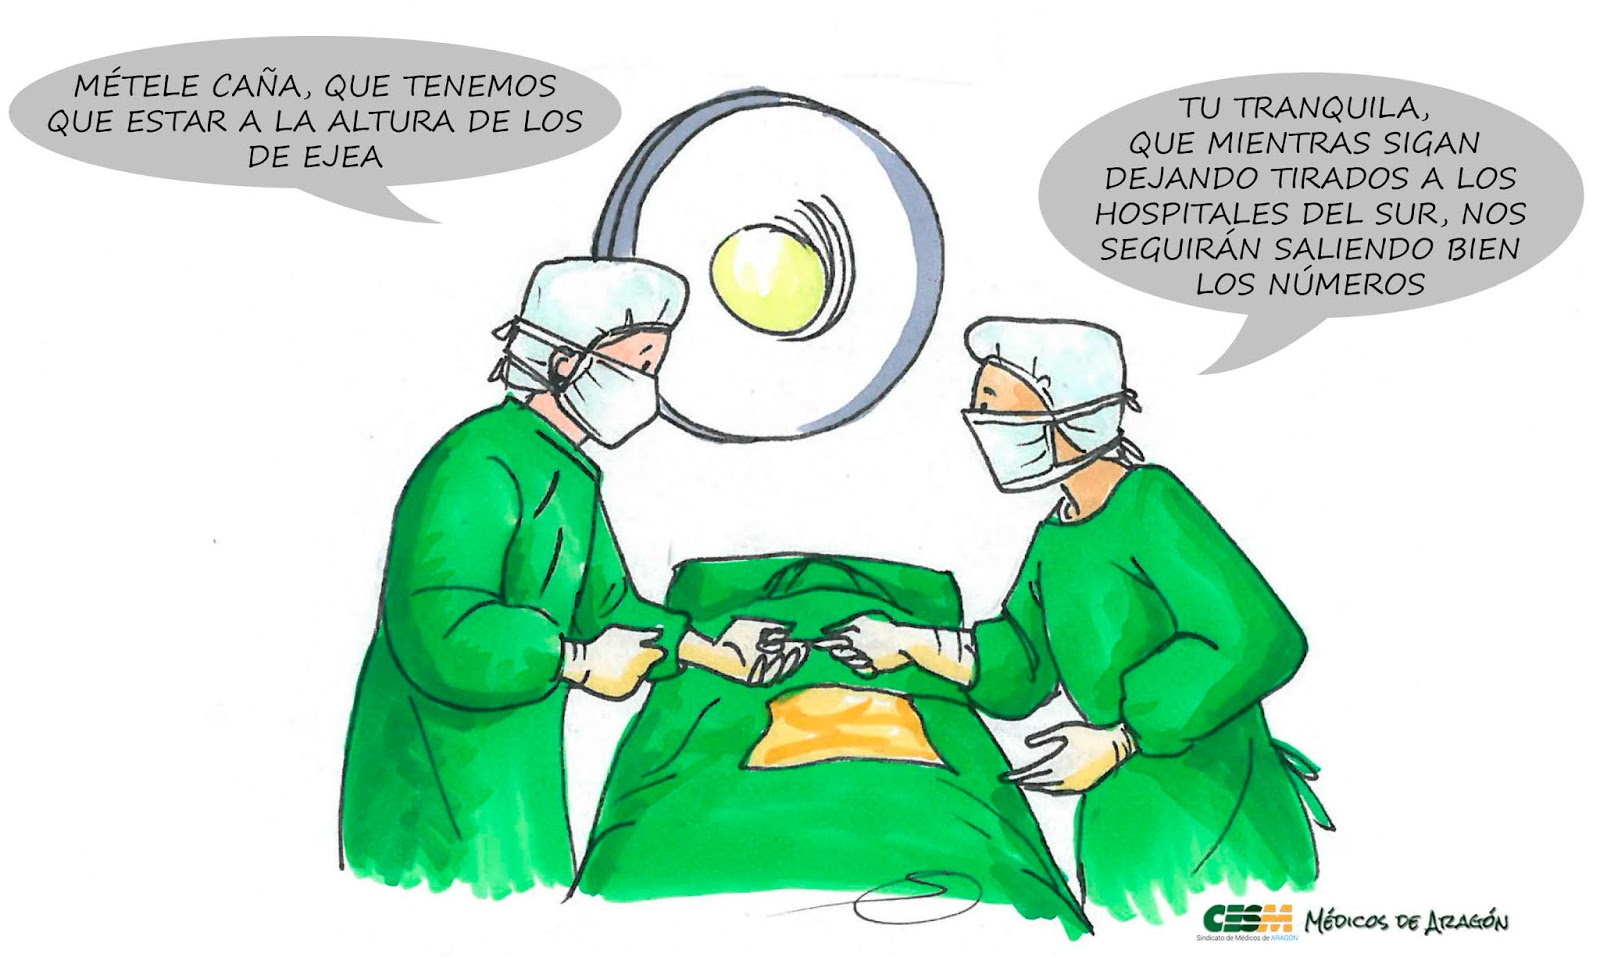 """EL HOSPITAL """"CIUDAD DE LAMBÁN (Y DE SUMELZO, Y DE BORAO ...) VA VIENTO EN POPA. PERO LOS NUEVOS DEL SUR, NI CARA AL AIRE"""